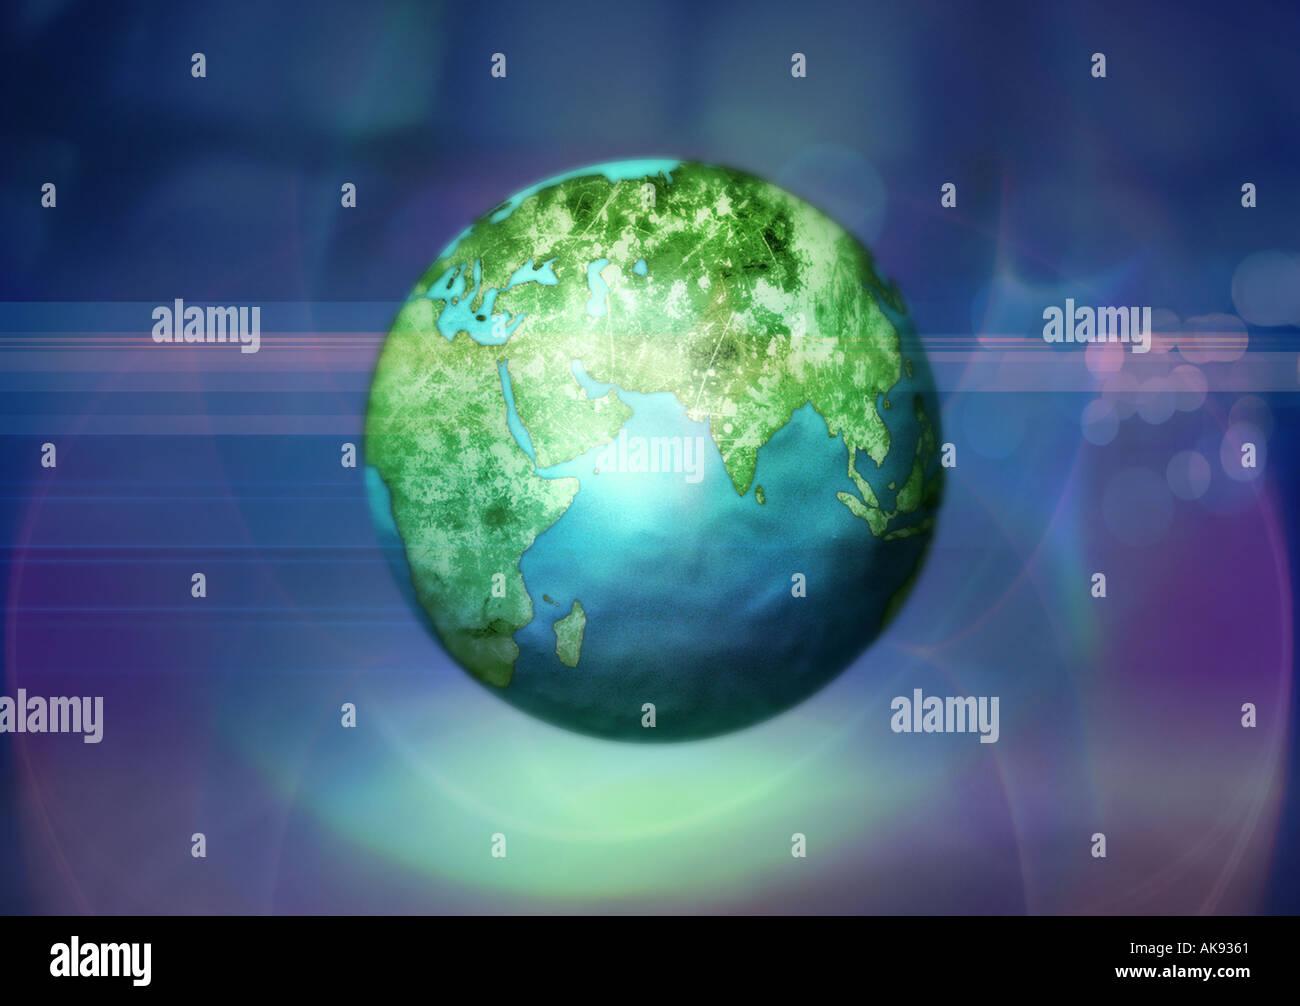 world 2 - Stock Image